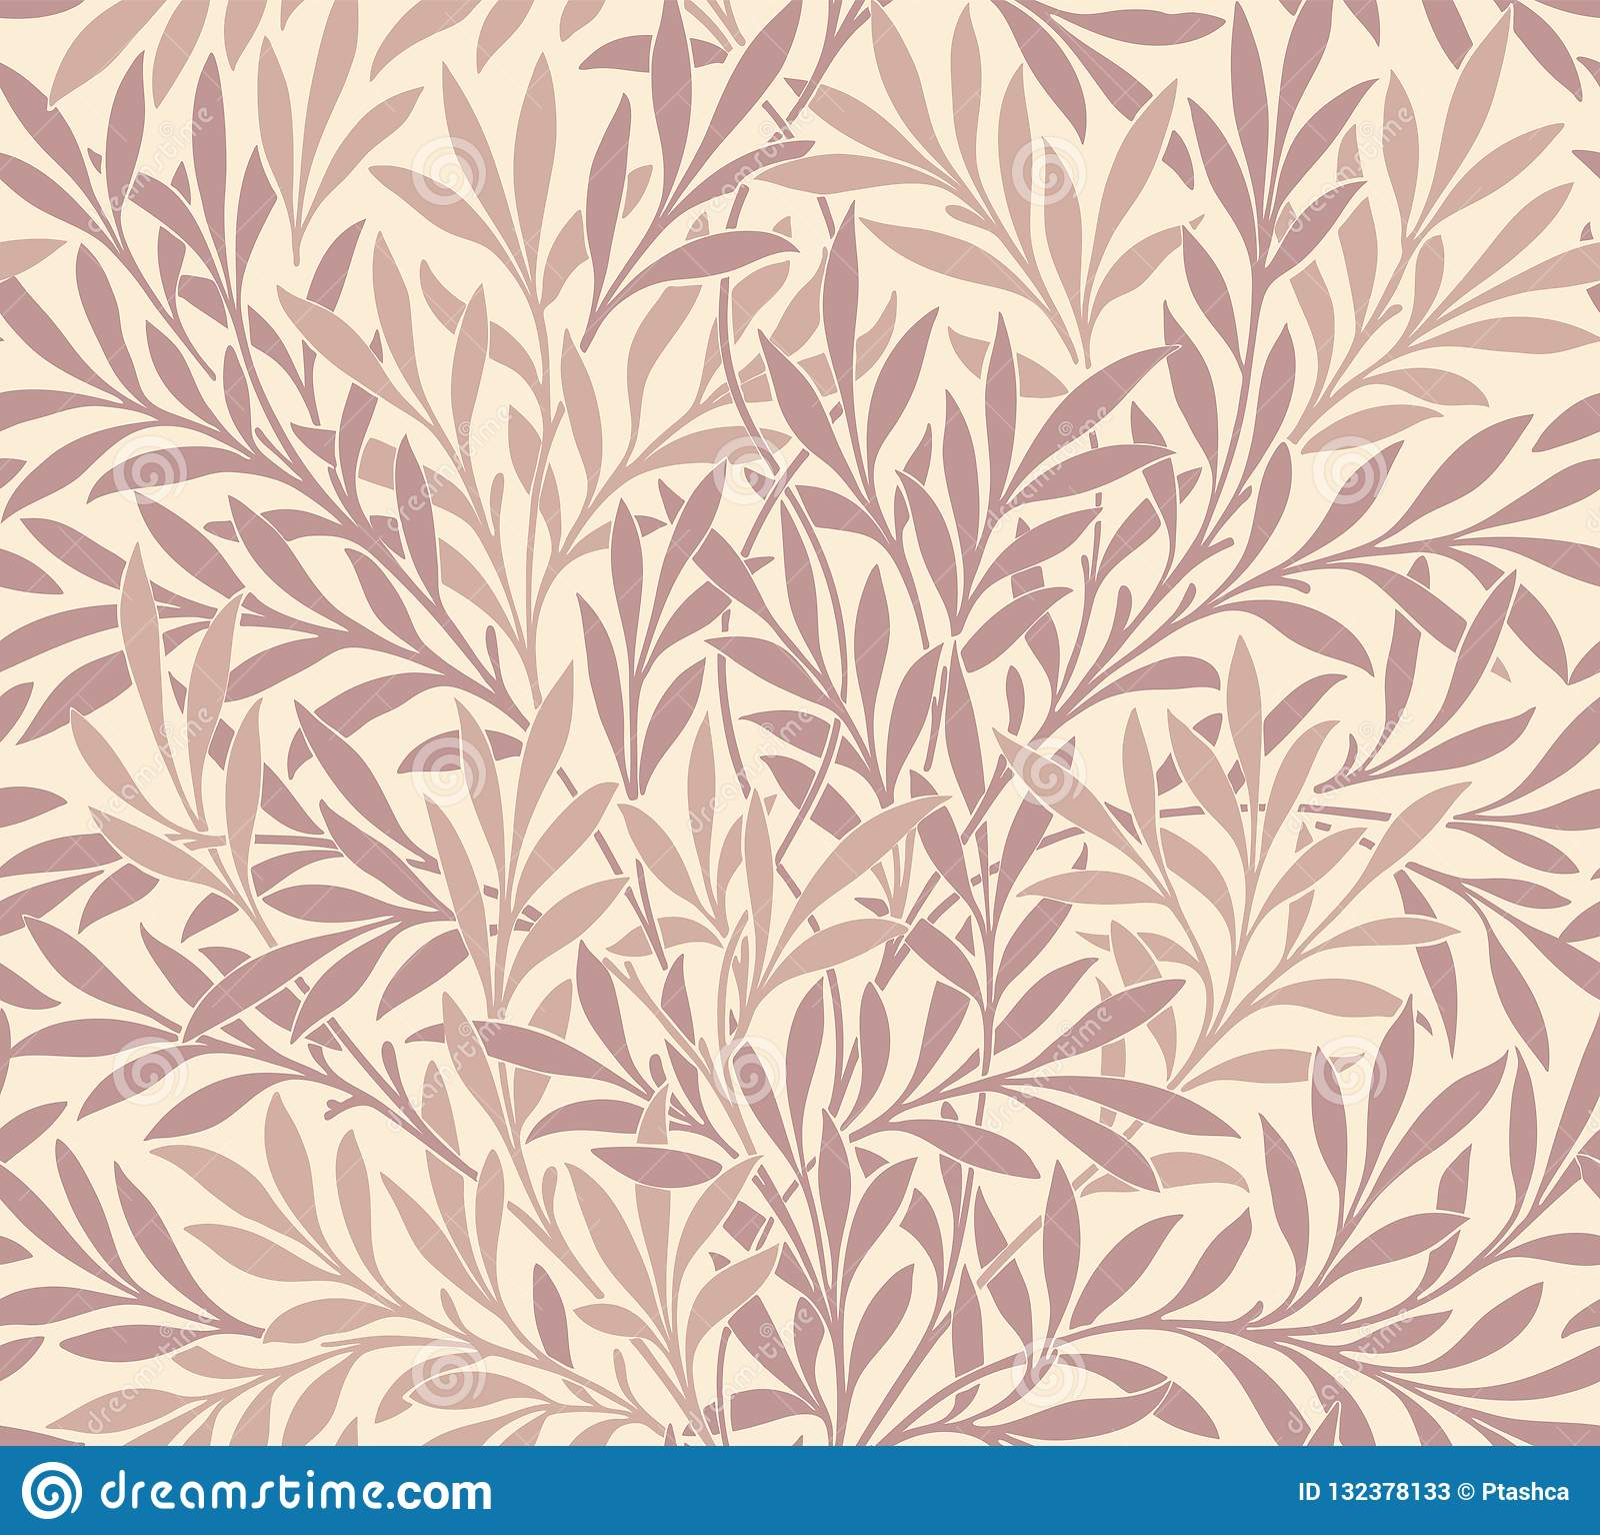 Σύγχρονο floral άνευ ραφής σχέδιο για το σχέδιό σας